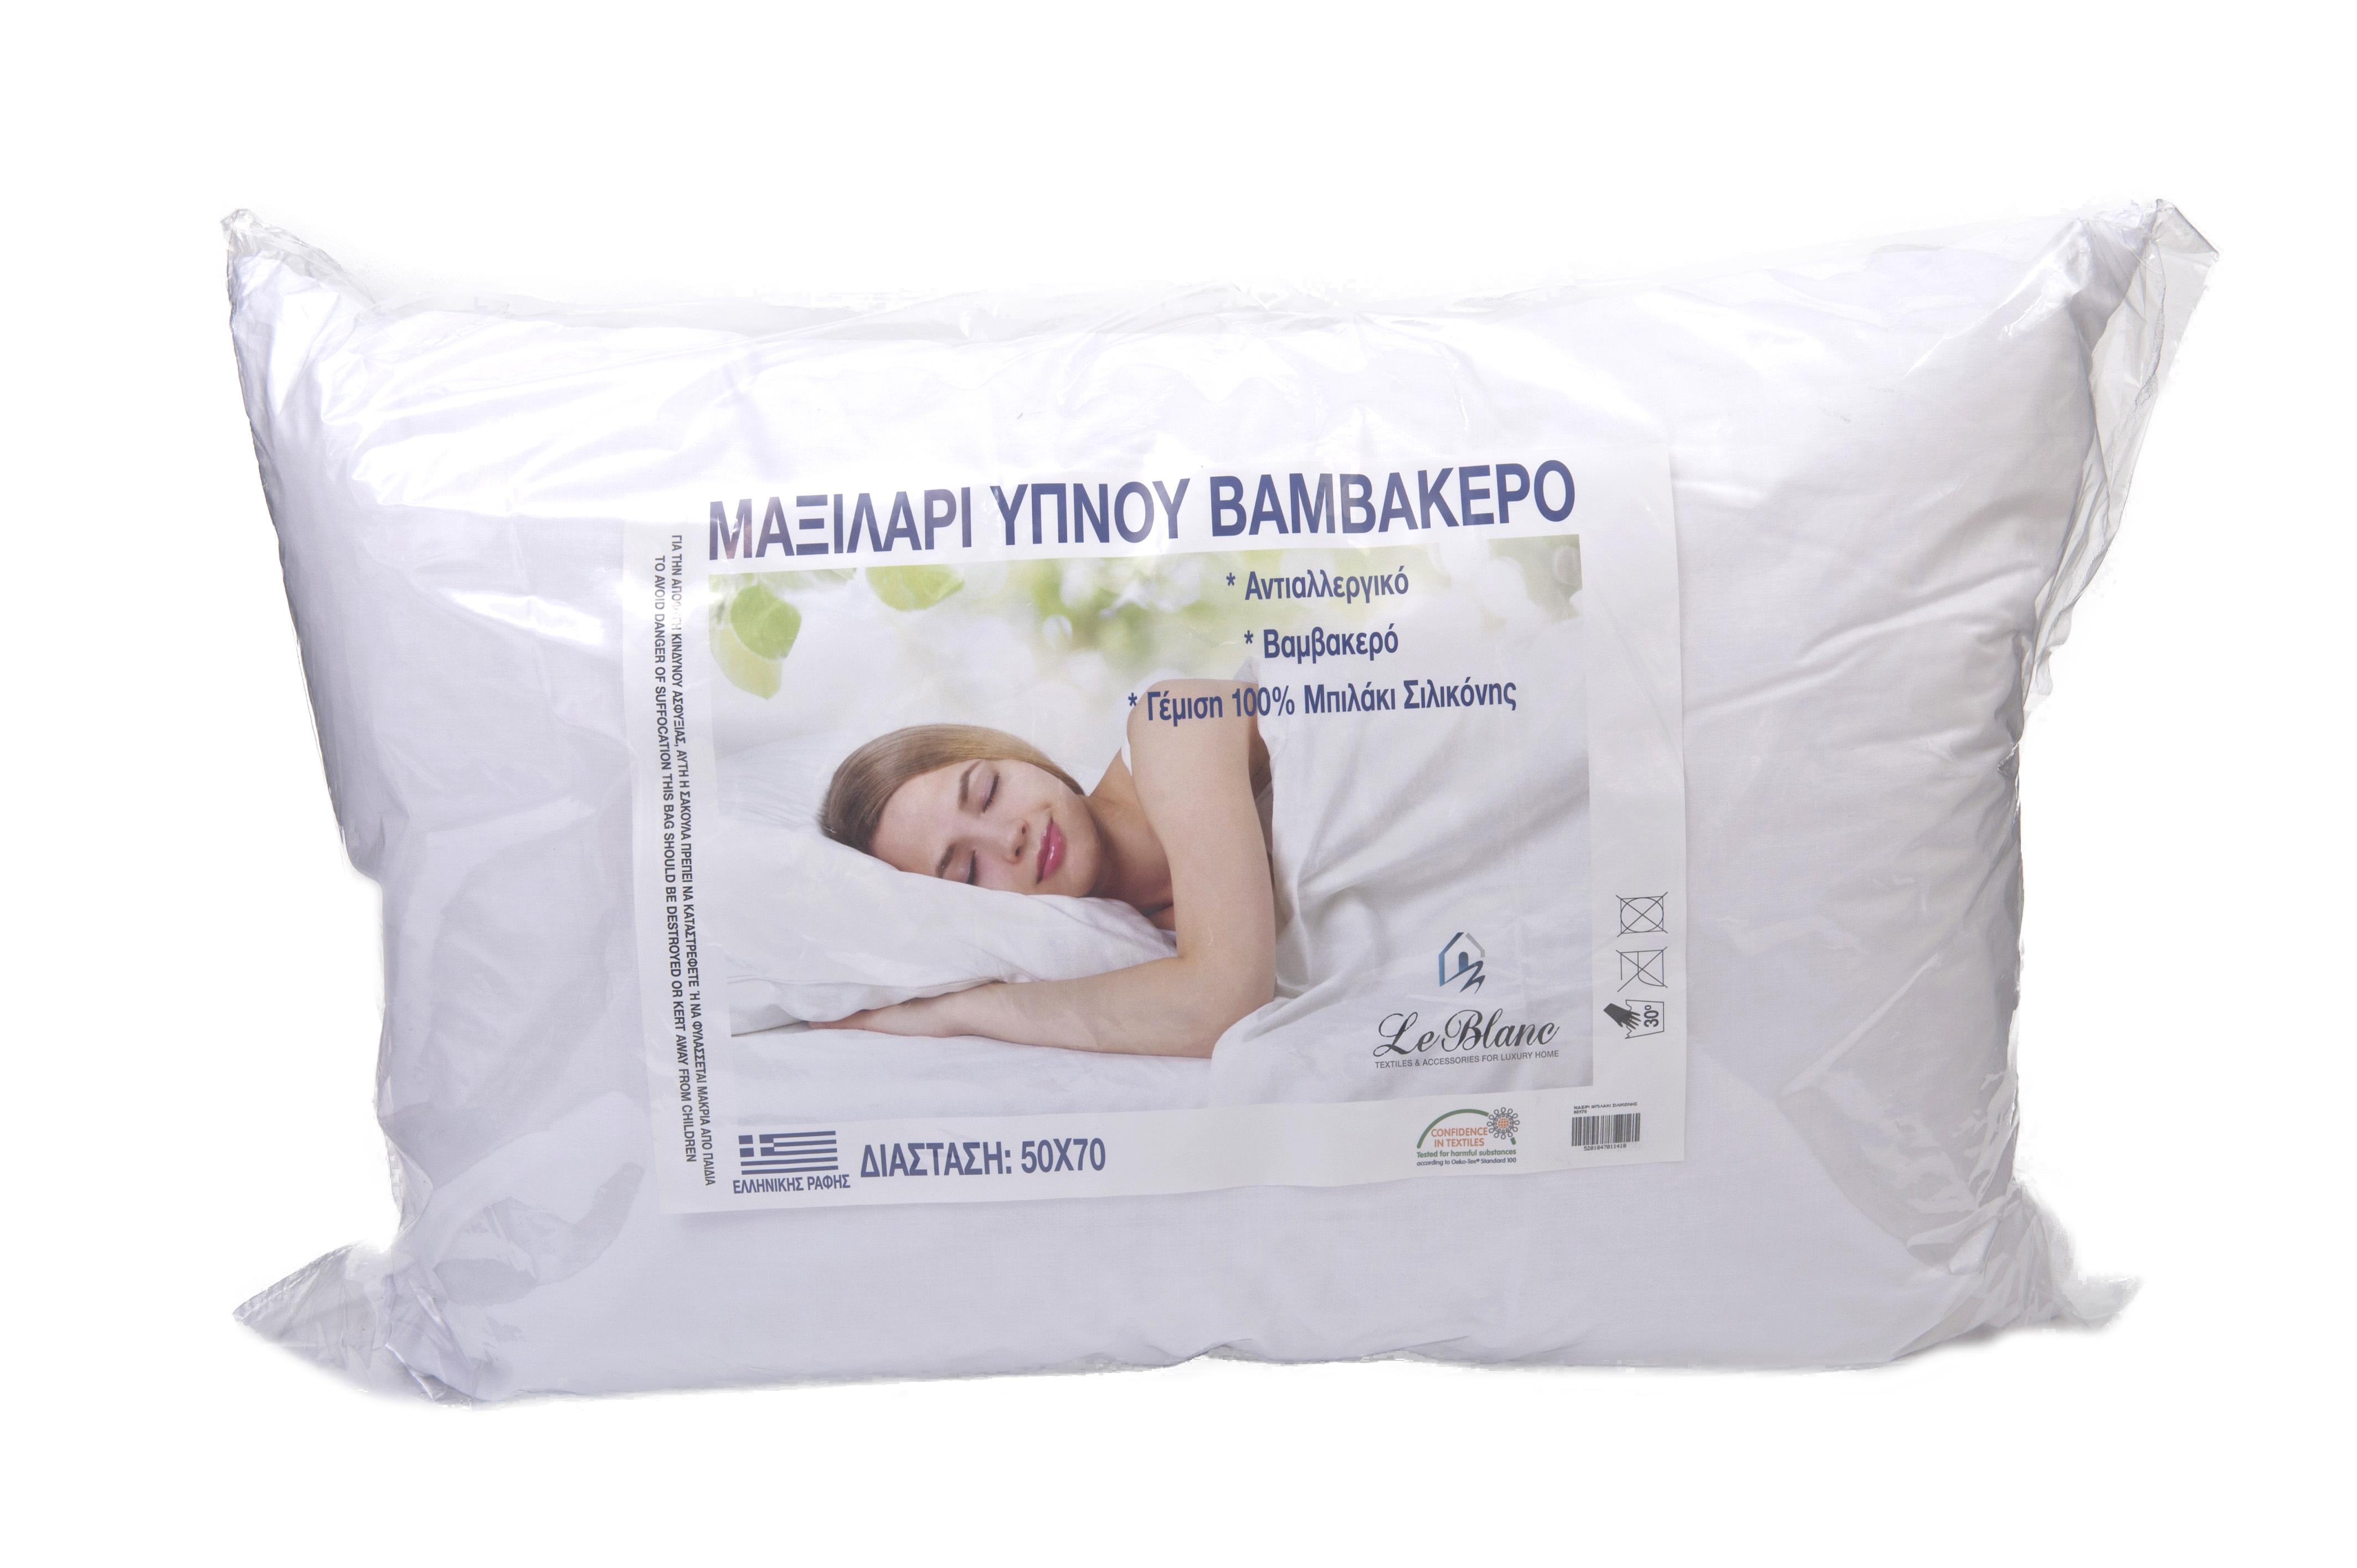 Μαξιλάρι Ύπνου Με Μπιλάκι Σιλικόνης – OEM – mpilaki